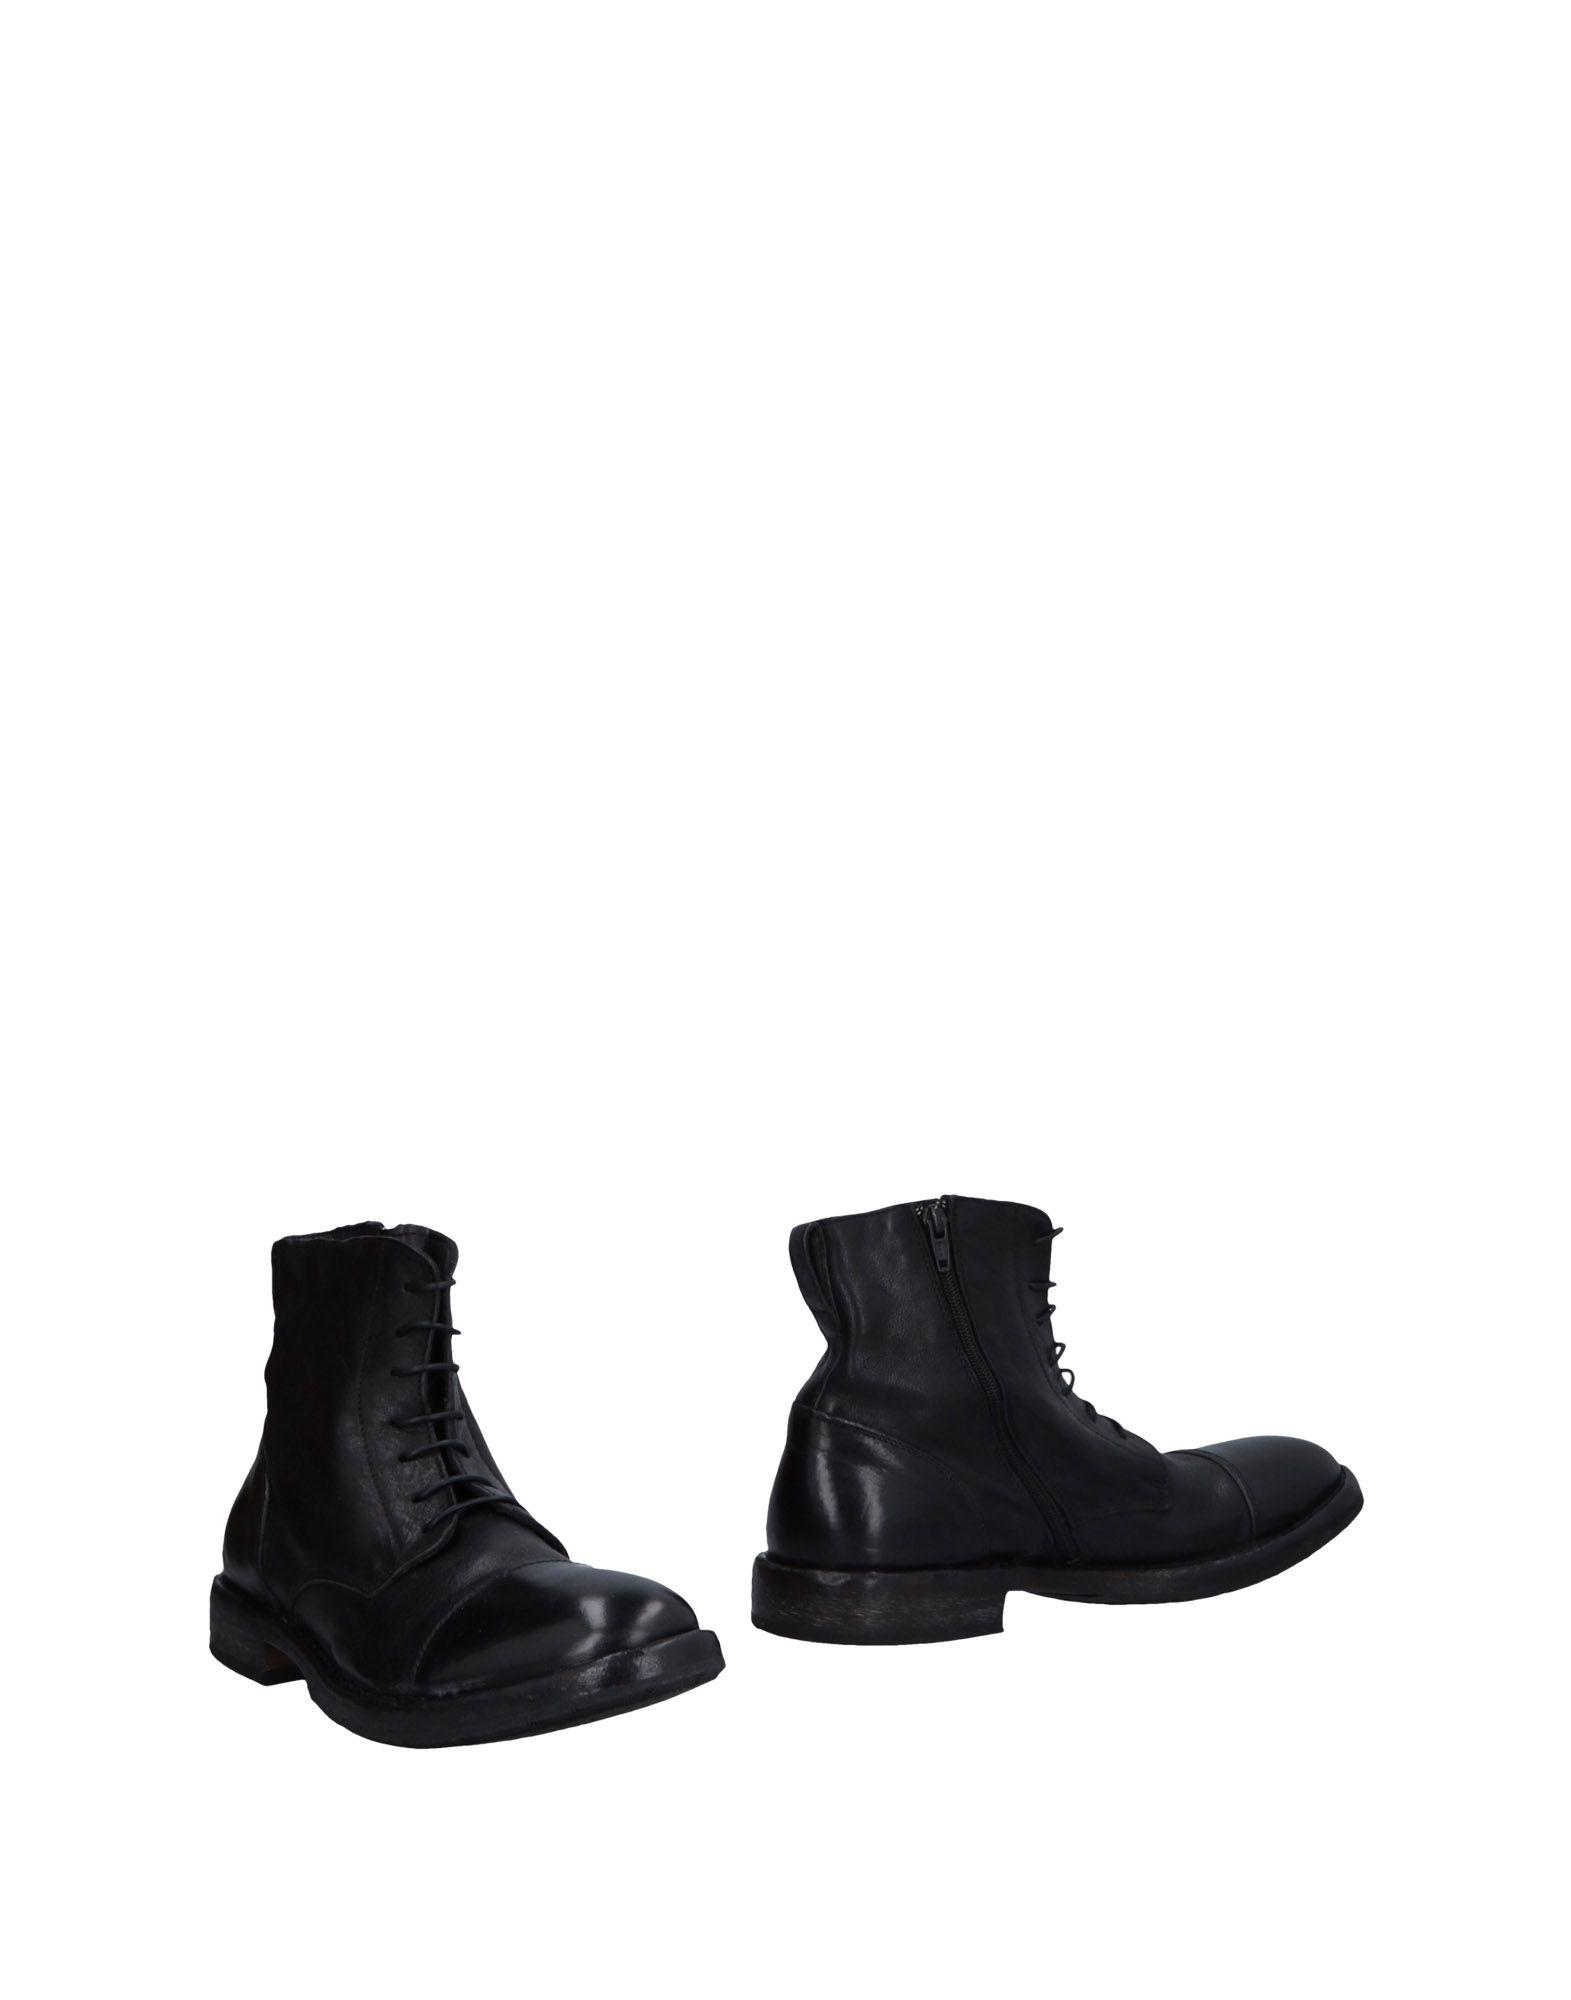 Moma Stiefelette Herren  beliebte 11471390NX Gute Qualität beliebte  Schuhe 2c6500